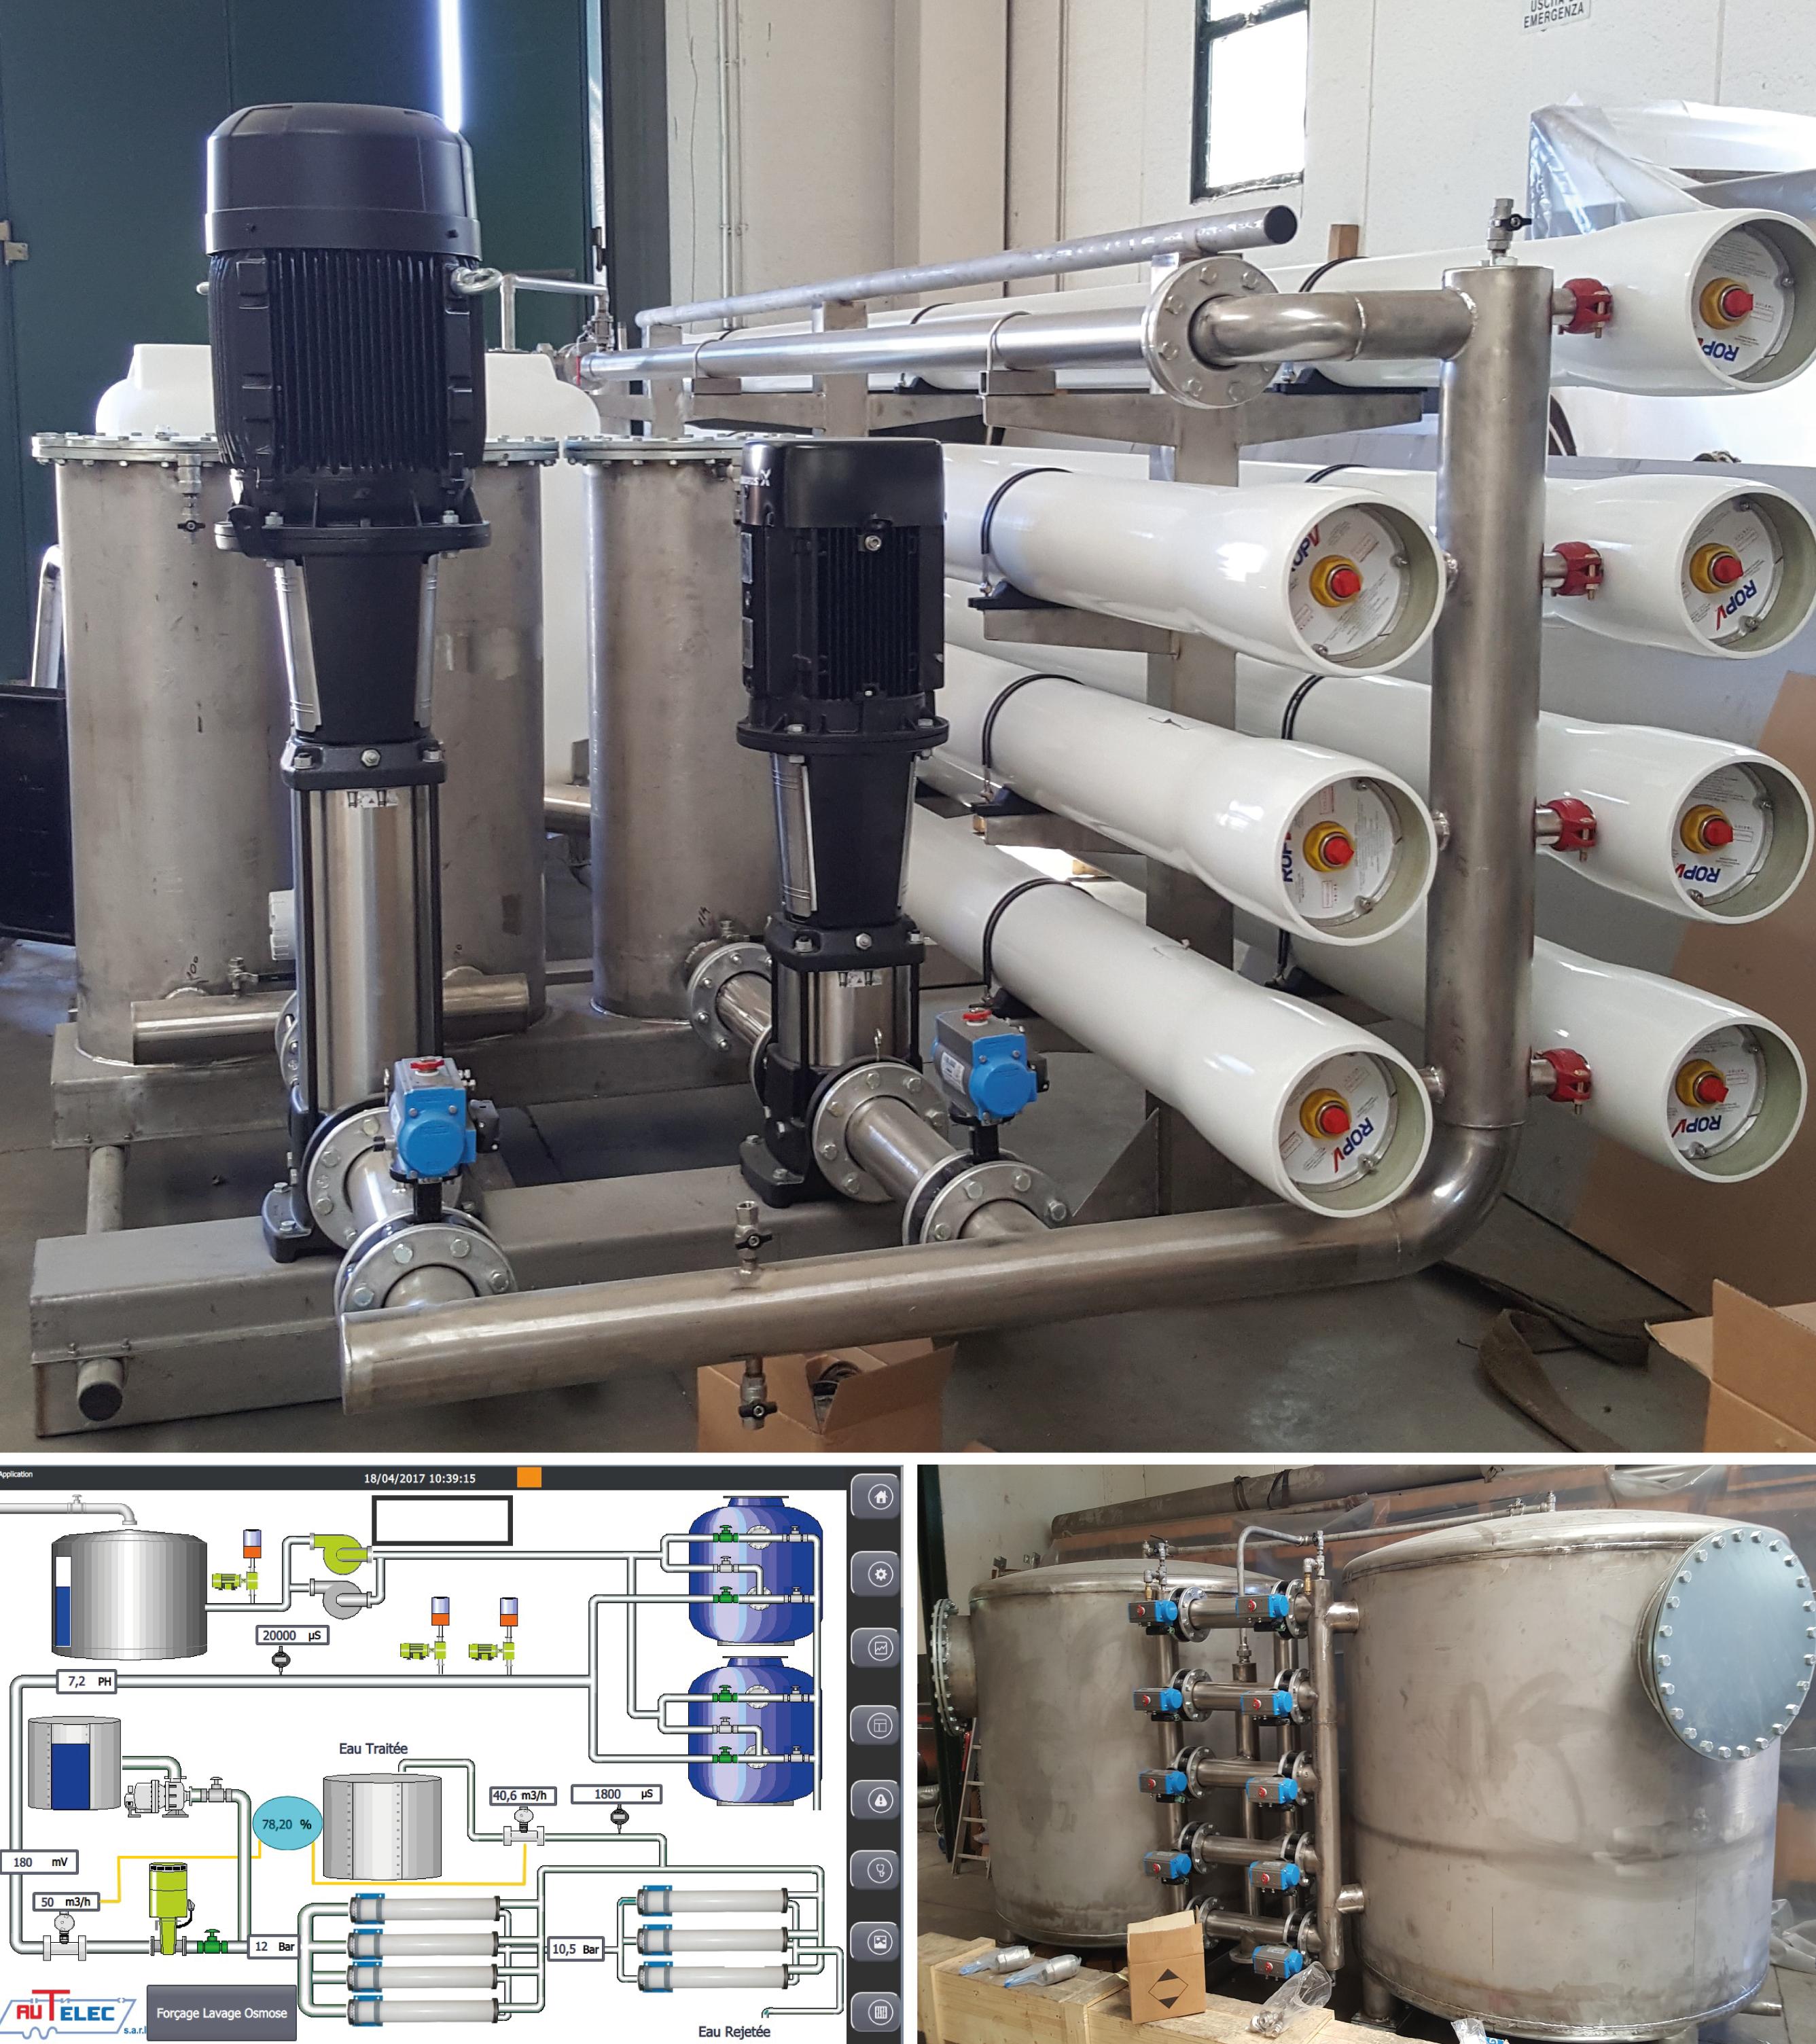 fourniture-installation-et-mise-en-service-dune-unite-de-demineralisation-deau-par-osmose-inverse-dune-capacite-de-production-de-960m3-j-gfl-gm-autelec-maroc